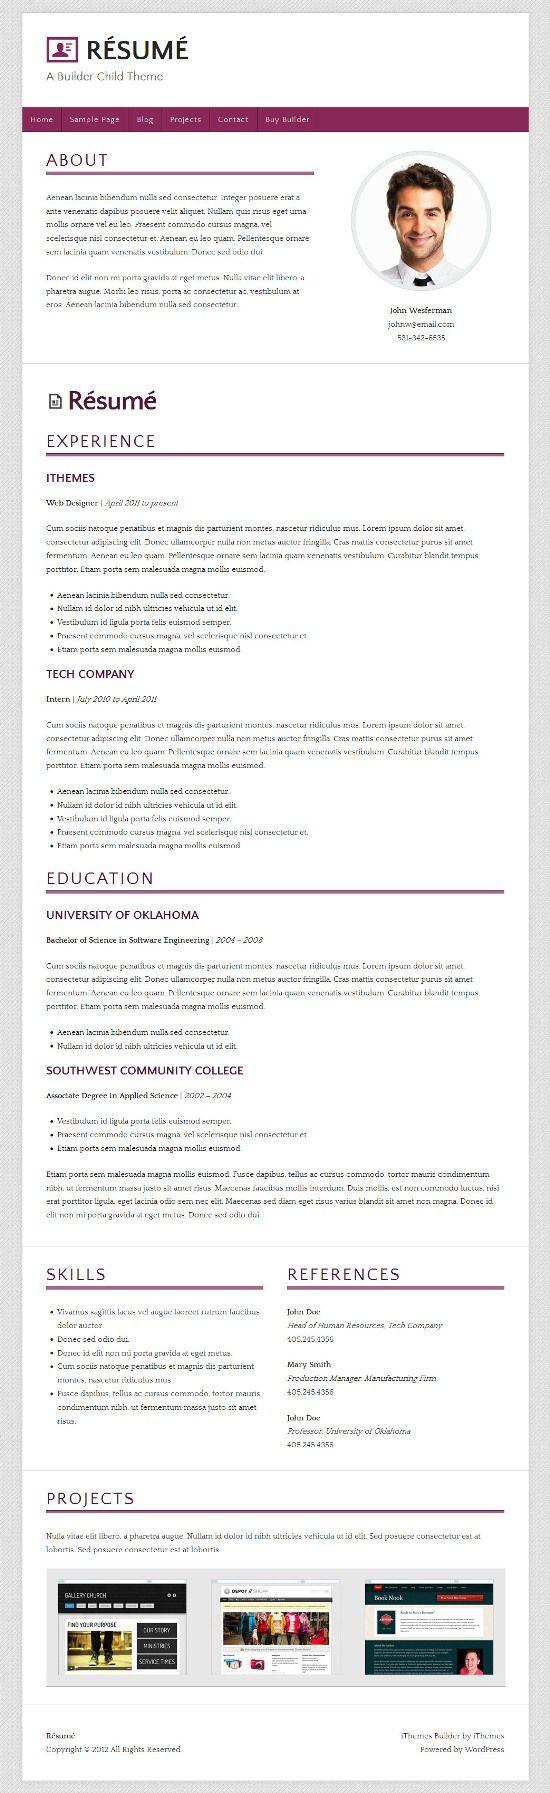 Résumé WordPress Theme AVJ Themes Online resume